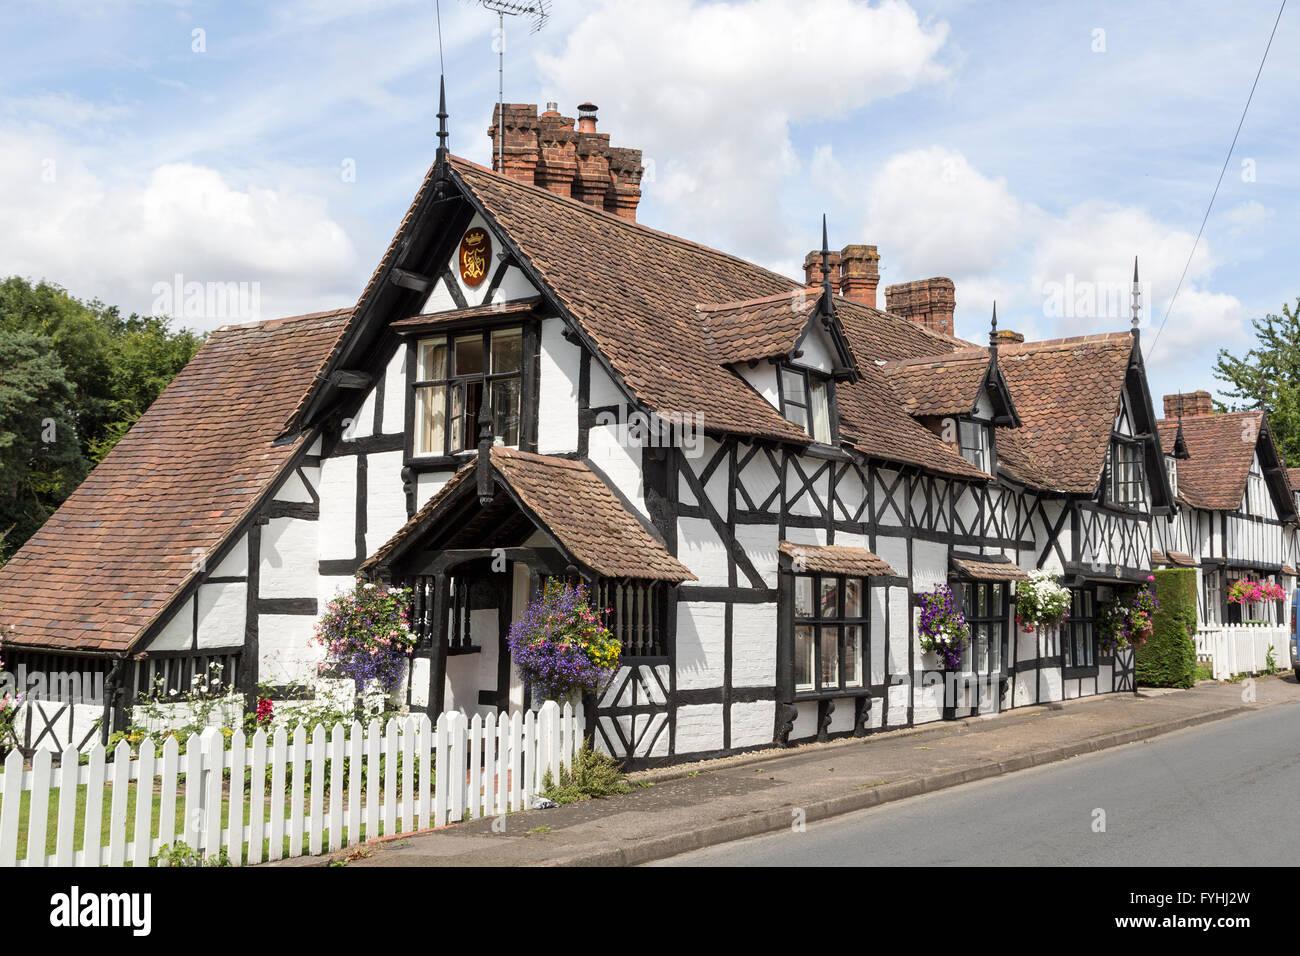 Tudor house, Ombersley, Worcestershire, England, UK - Stock Image